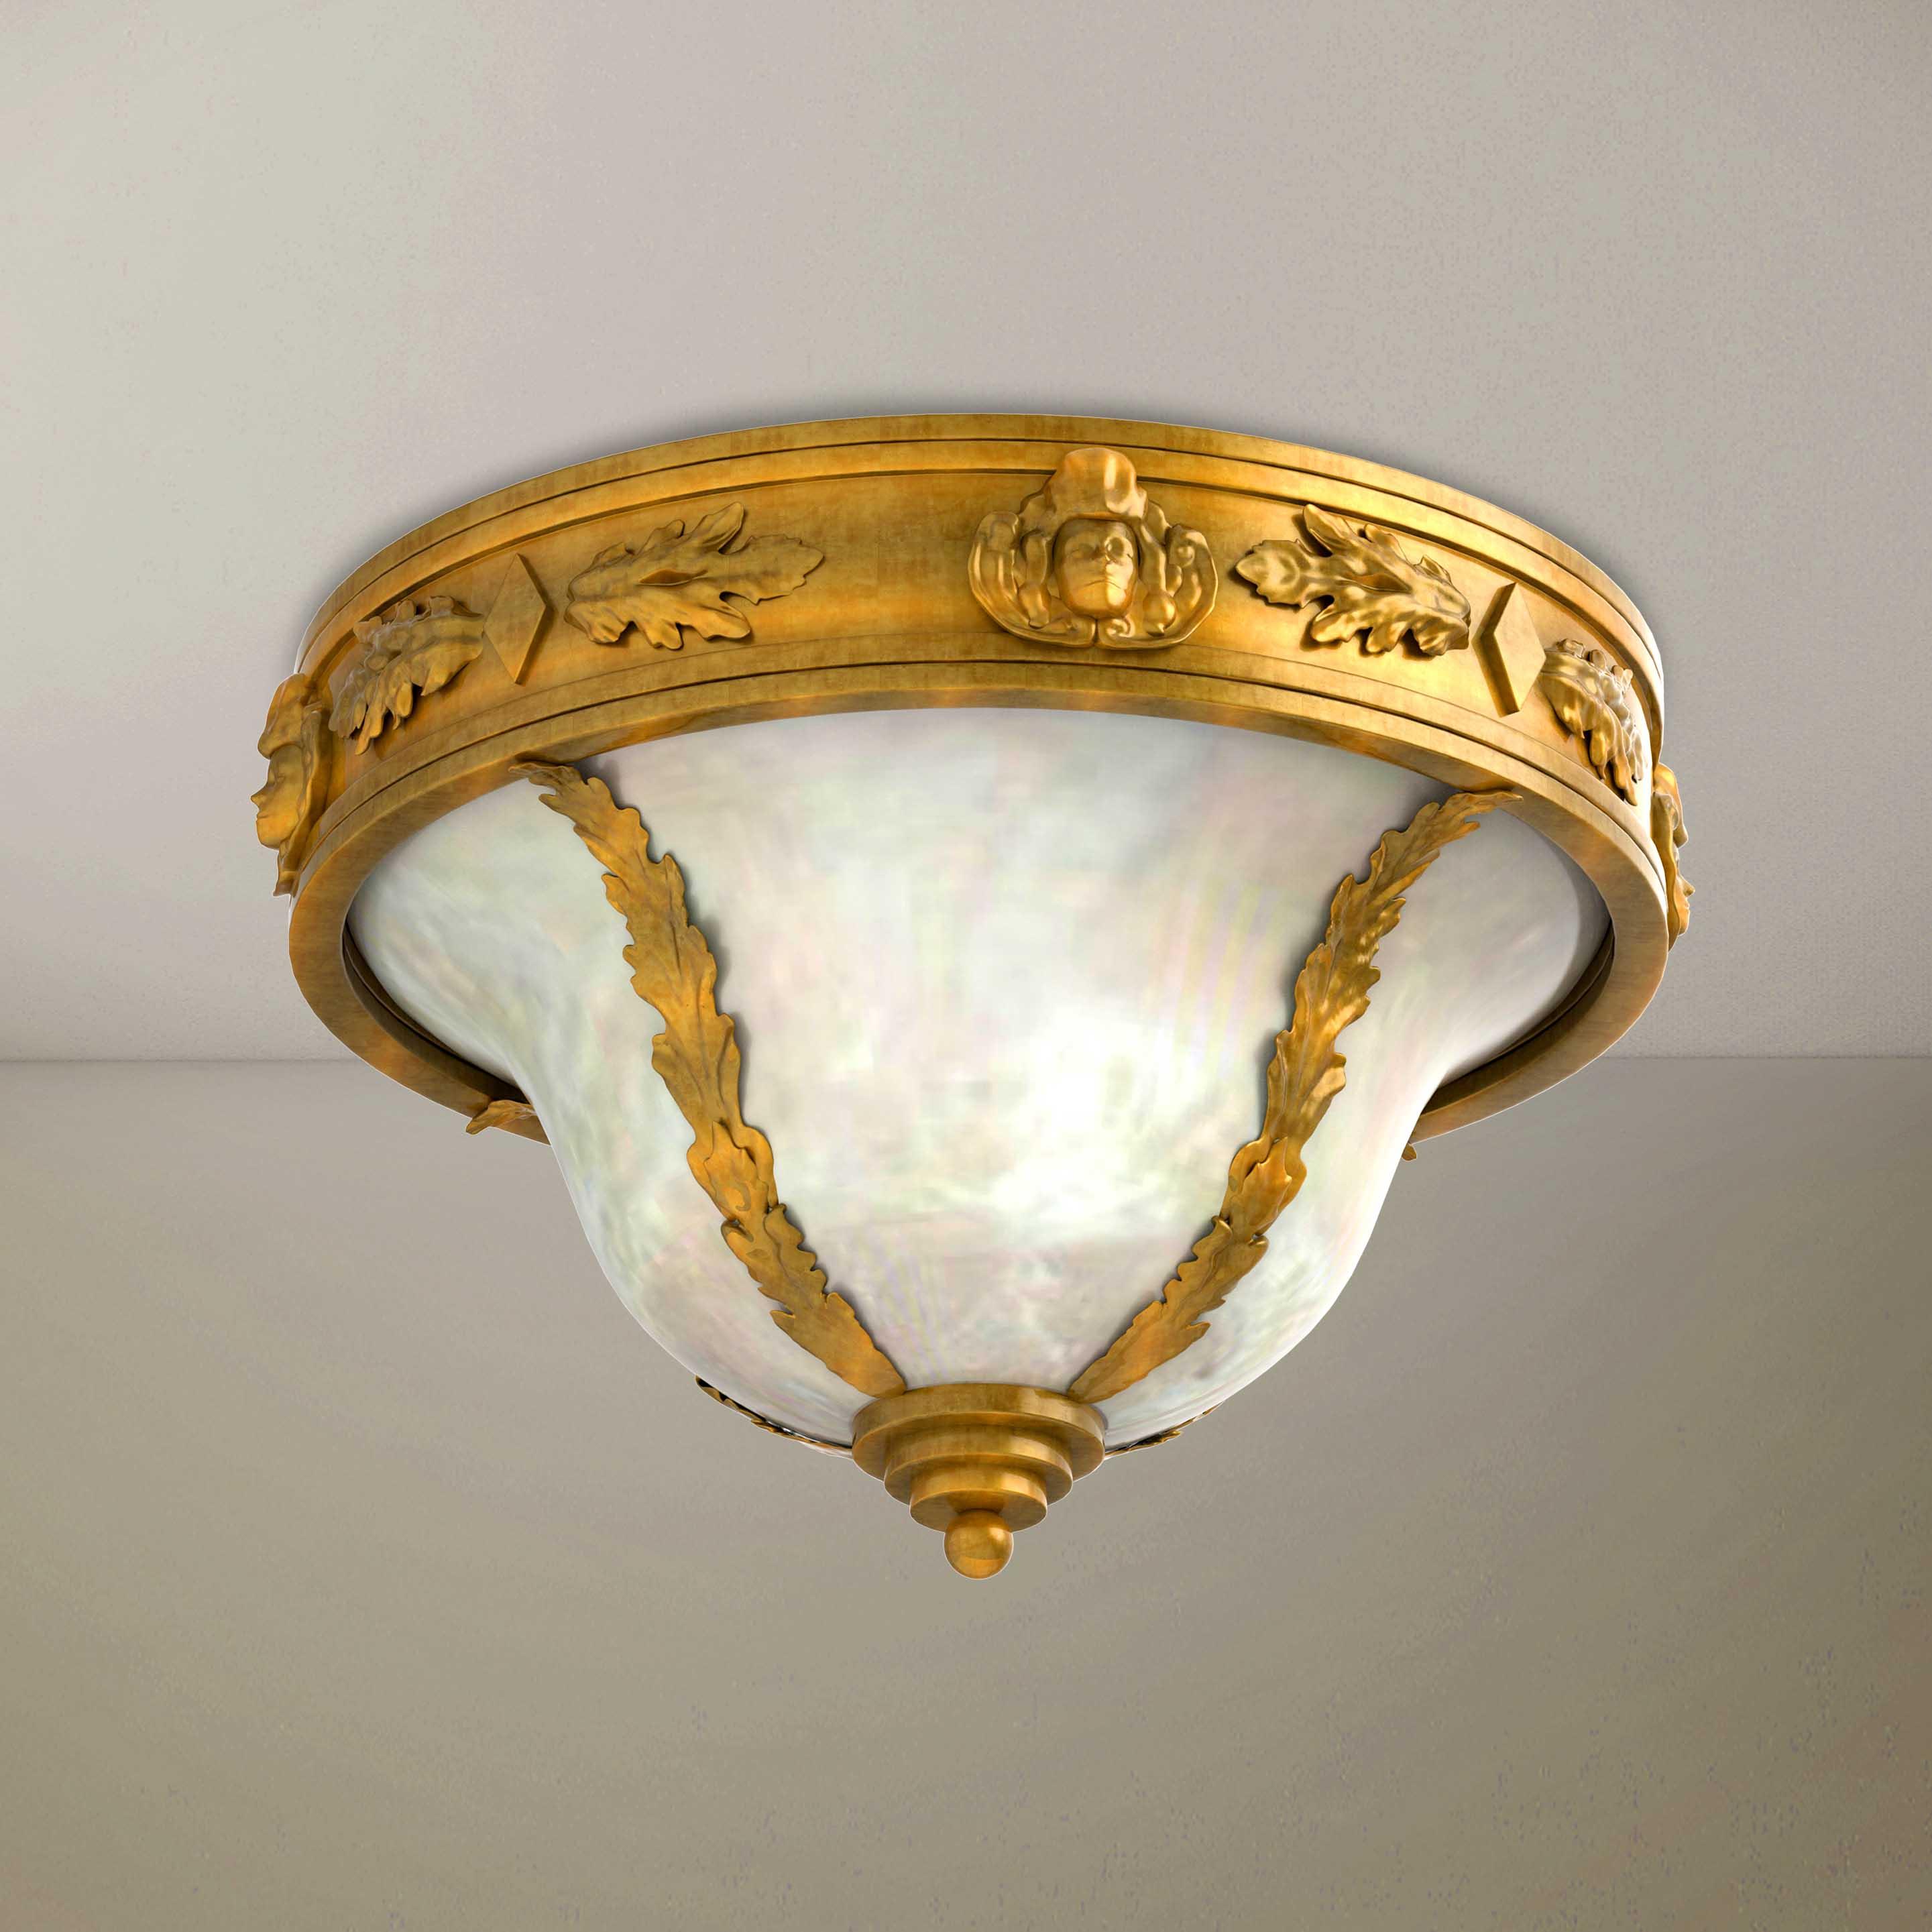 Golden Luxury Elegant Chandelier - 3D Product